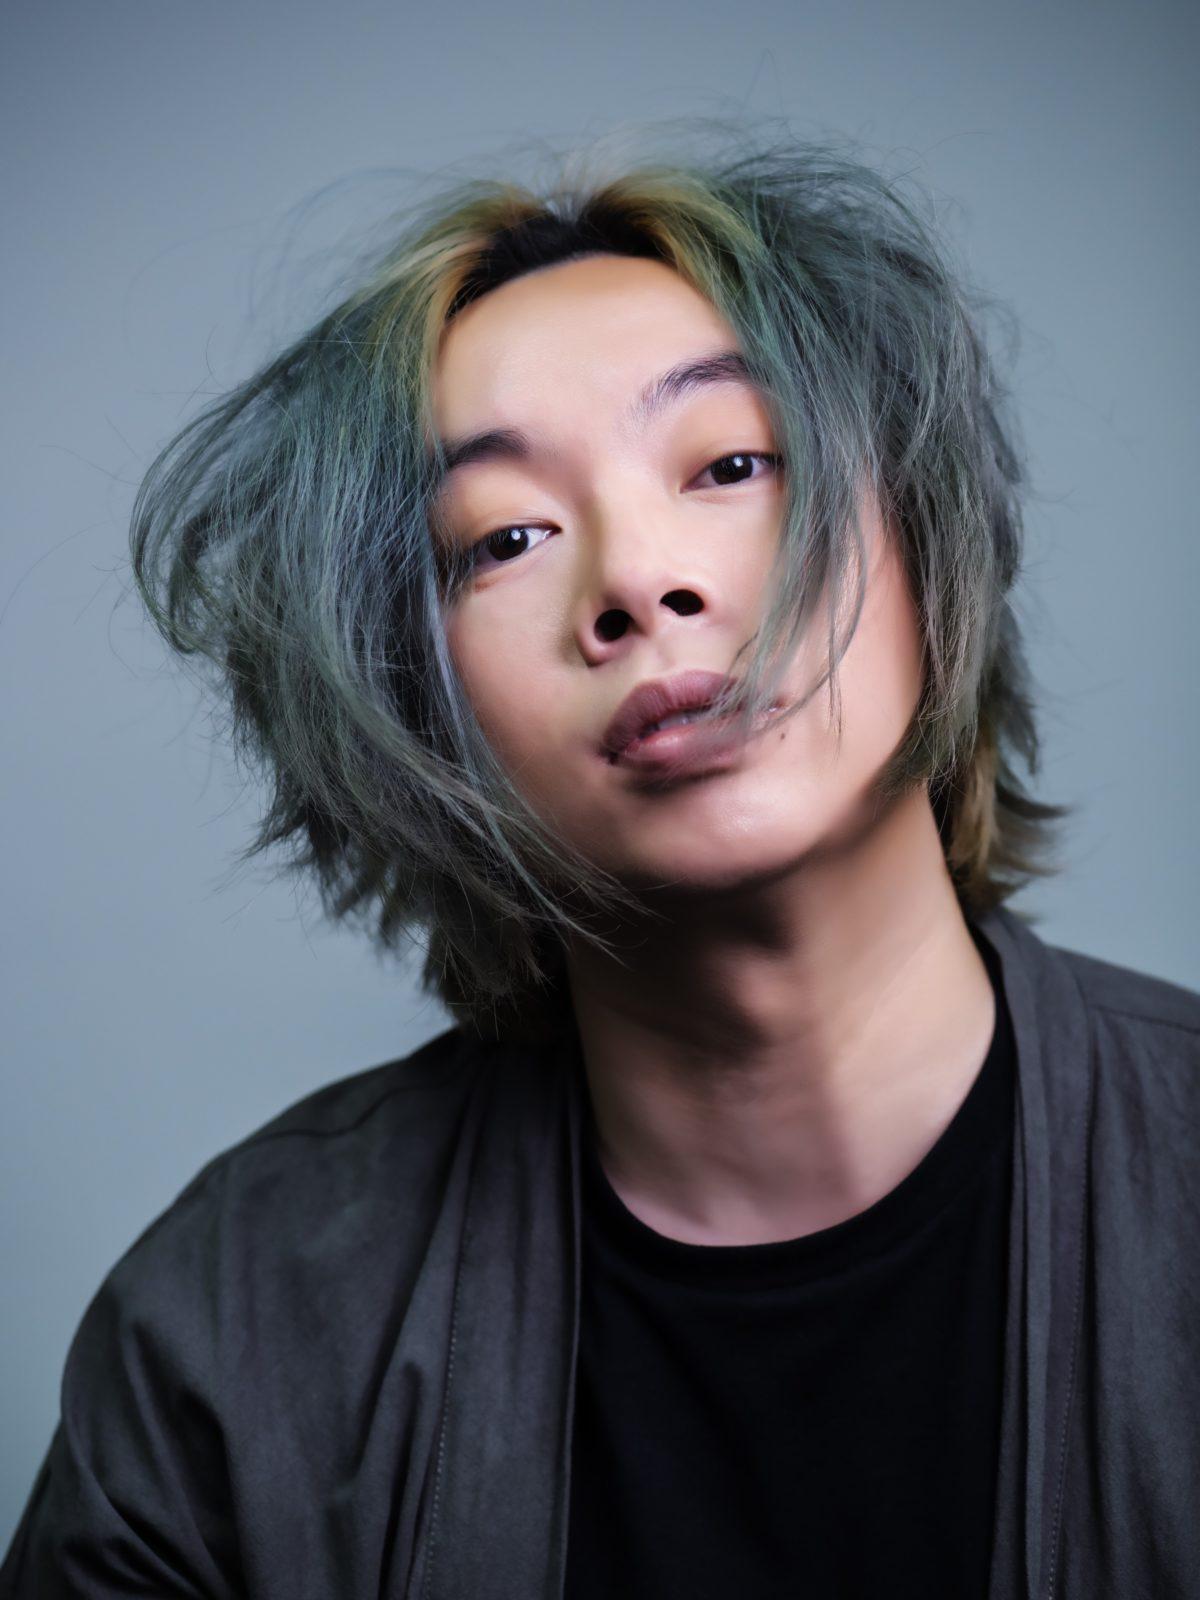 DEON、上村翔平(THREE1989)をゲストに迎えた楽曲「Fix」をリリースサムネイル画像!